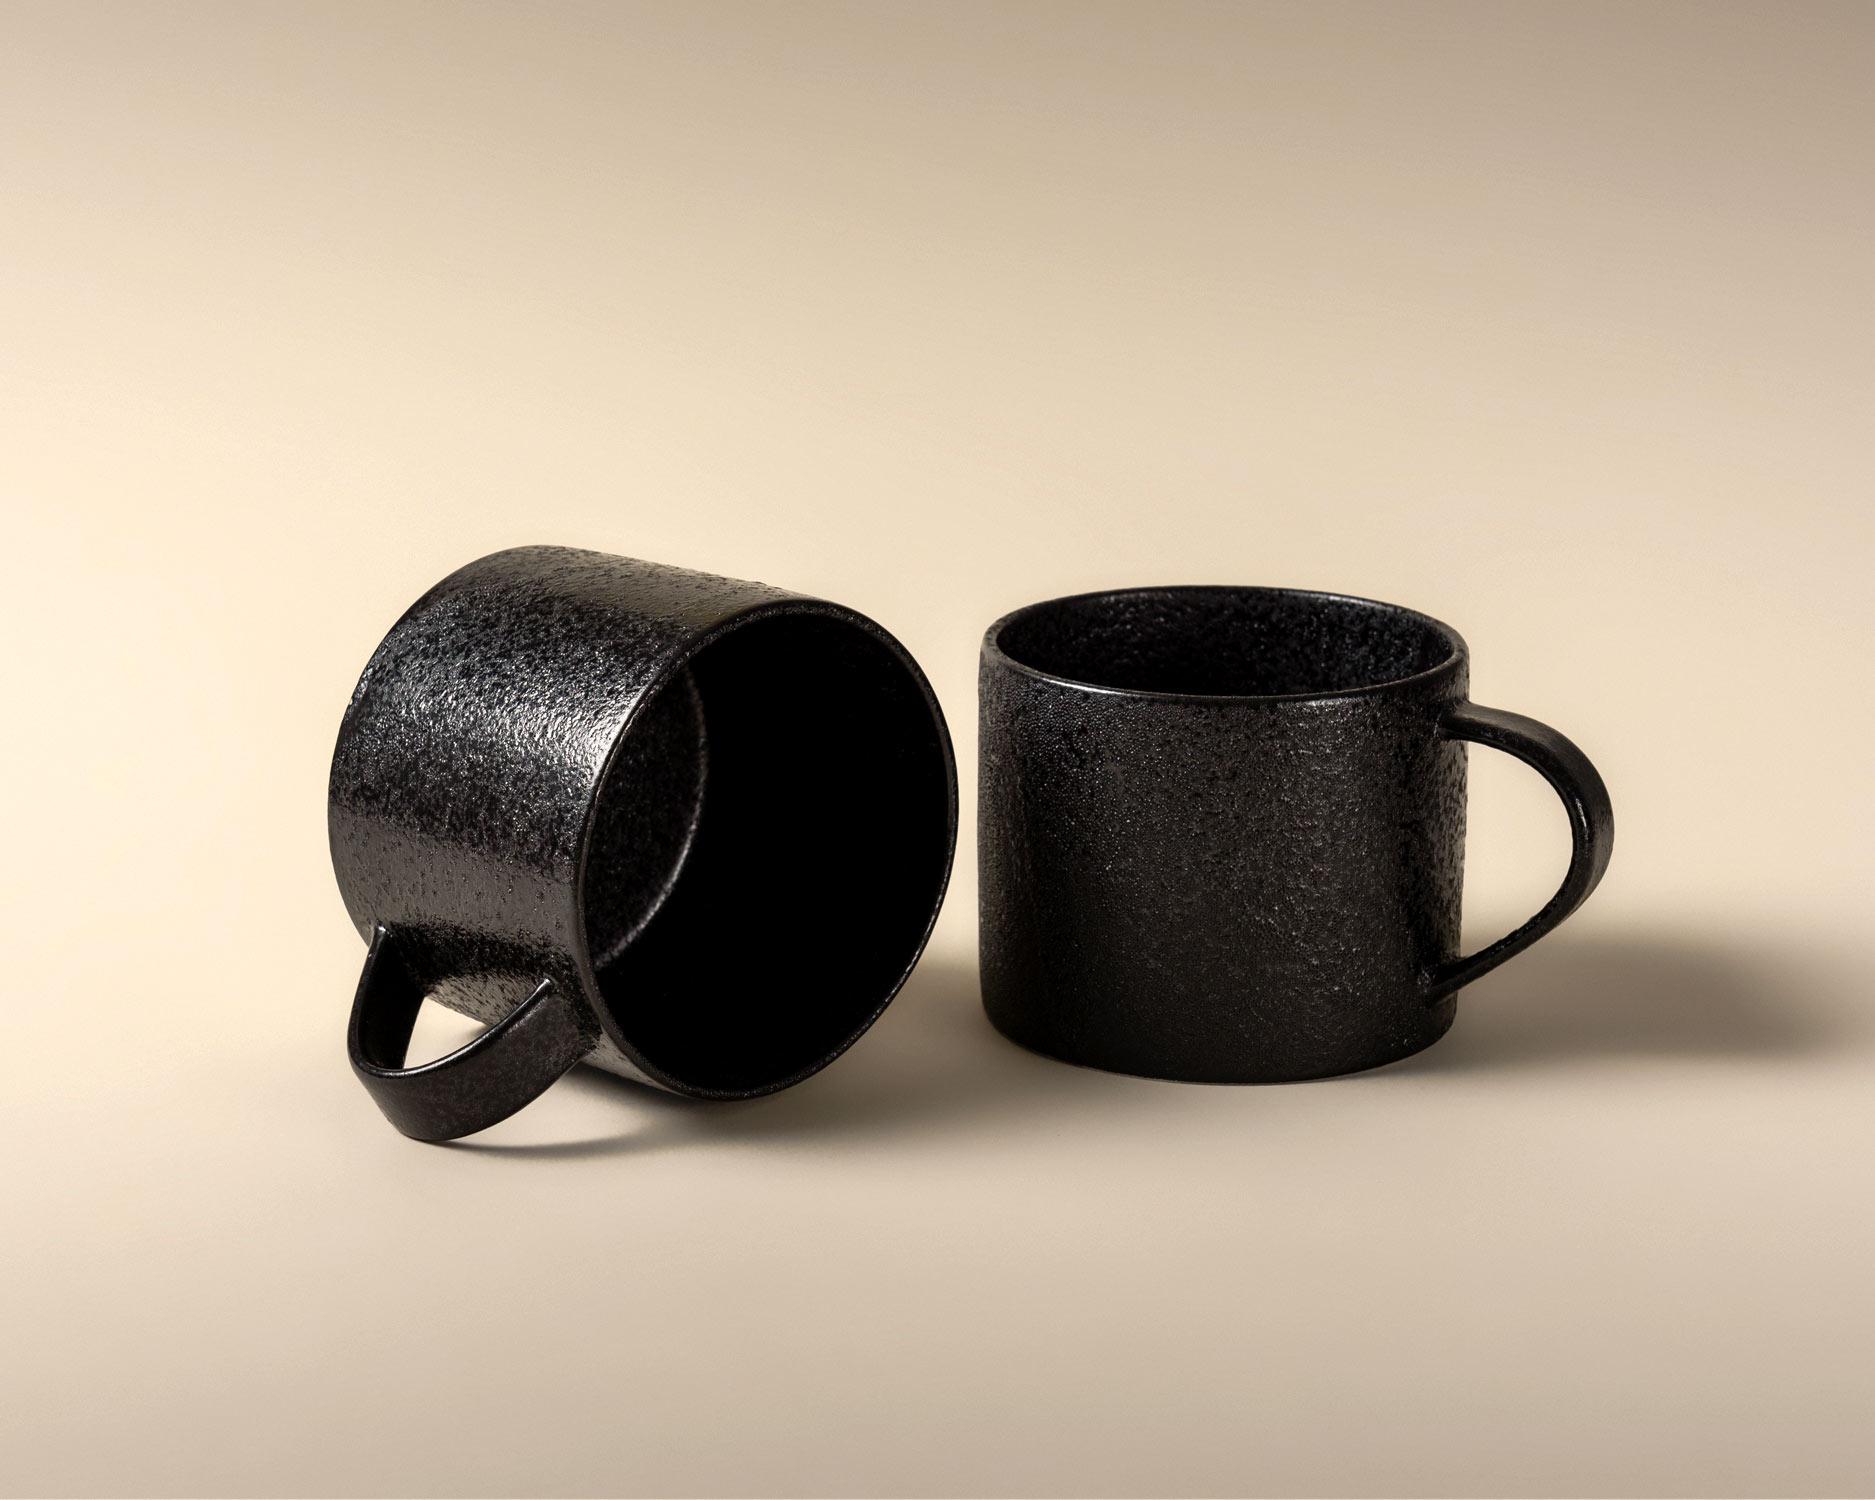 svart-yuzu-tea-cup-2-pp.jpg